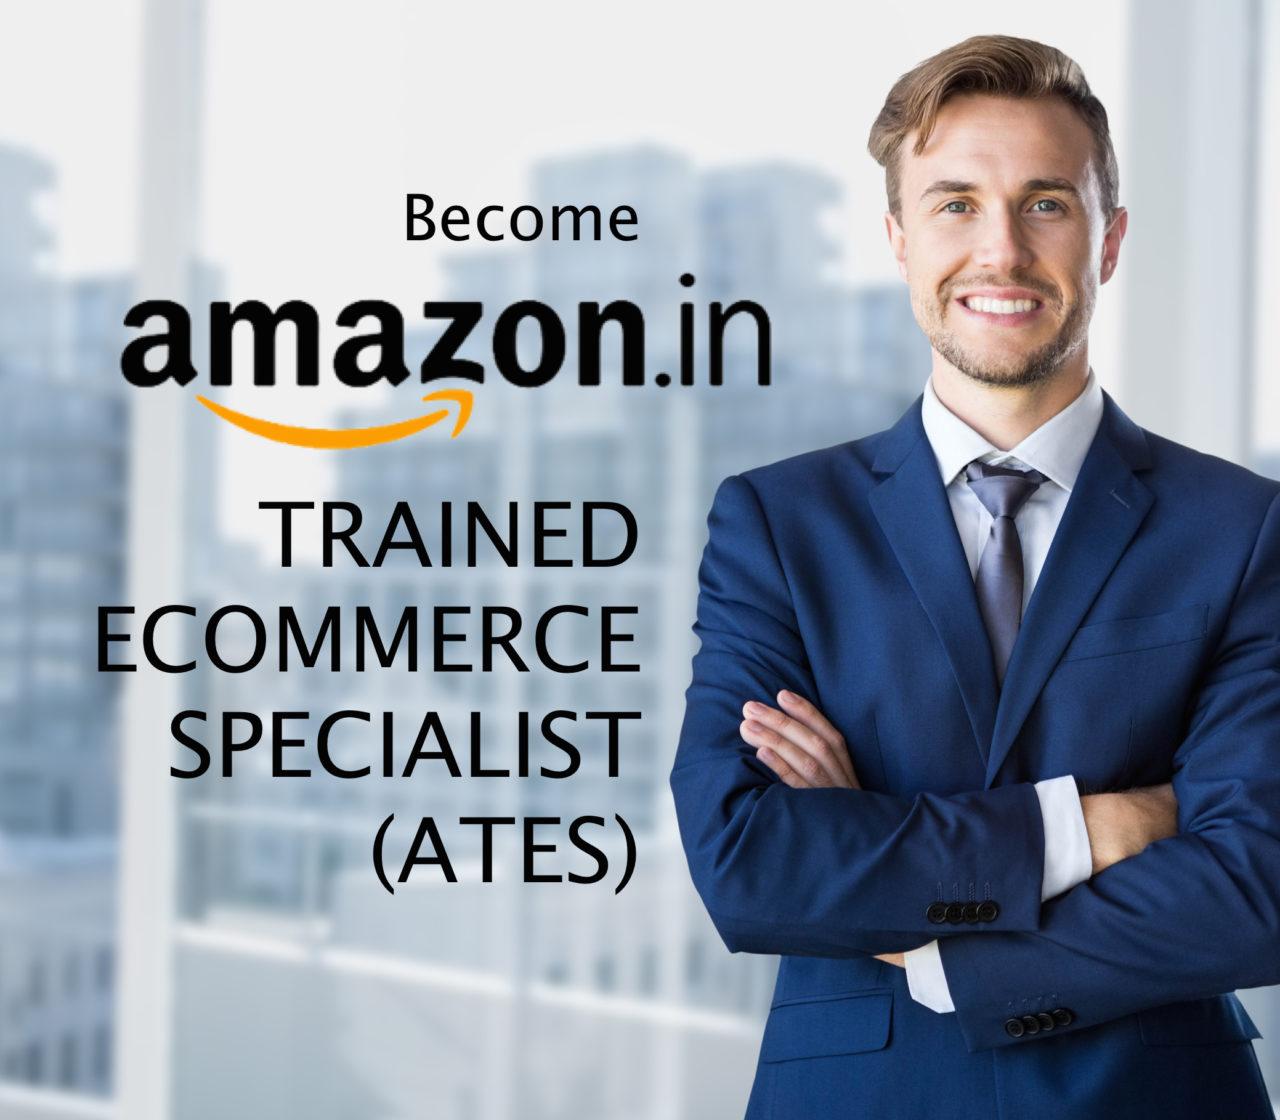 Amazon Trainer Ecommerce Specialist (ATES)